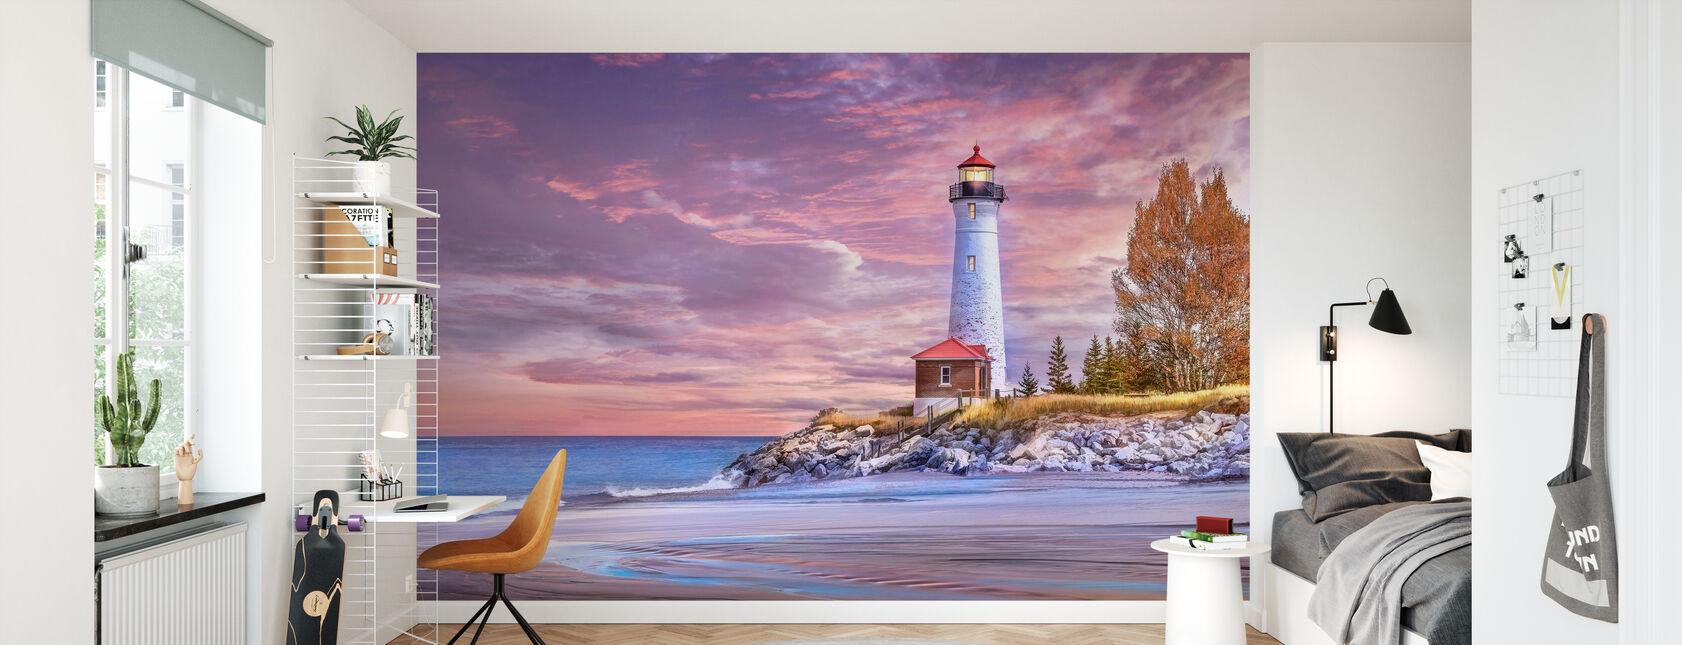 Lighthouse - Wallpaper - Kids Room